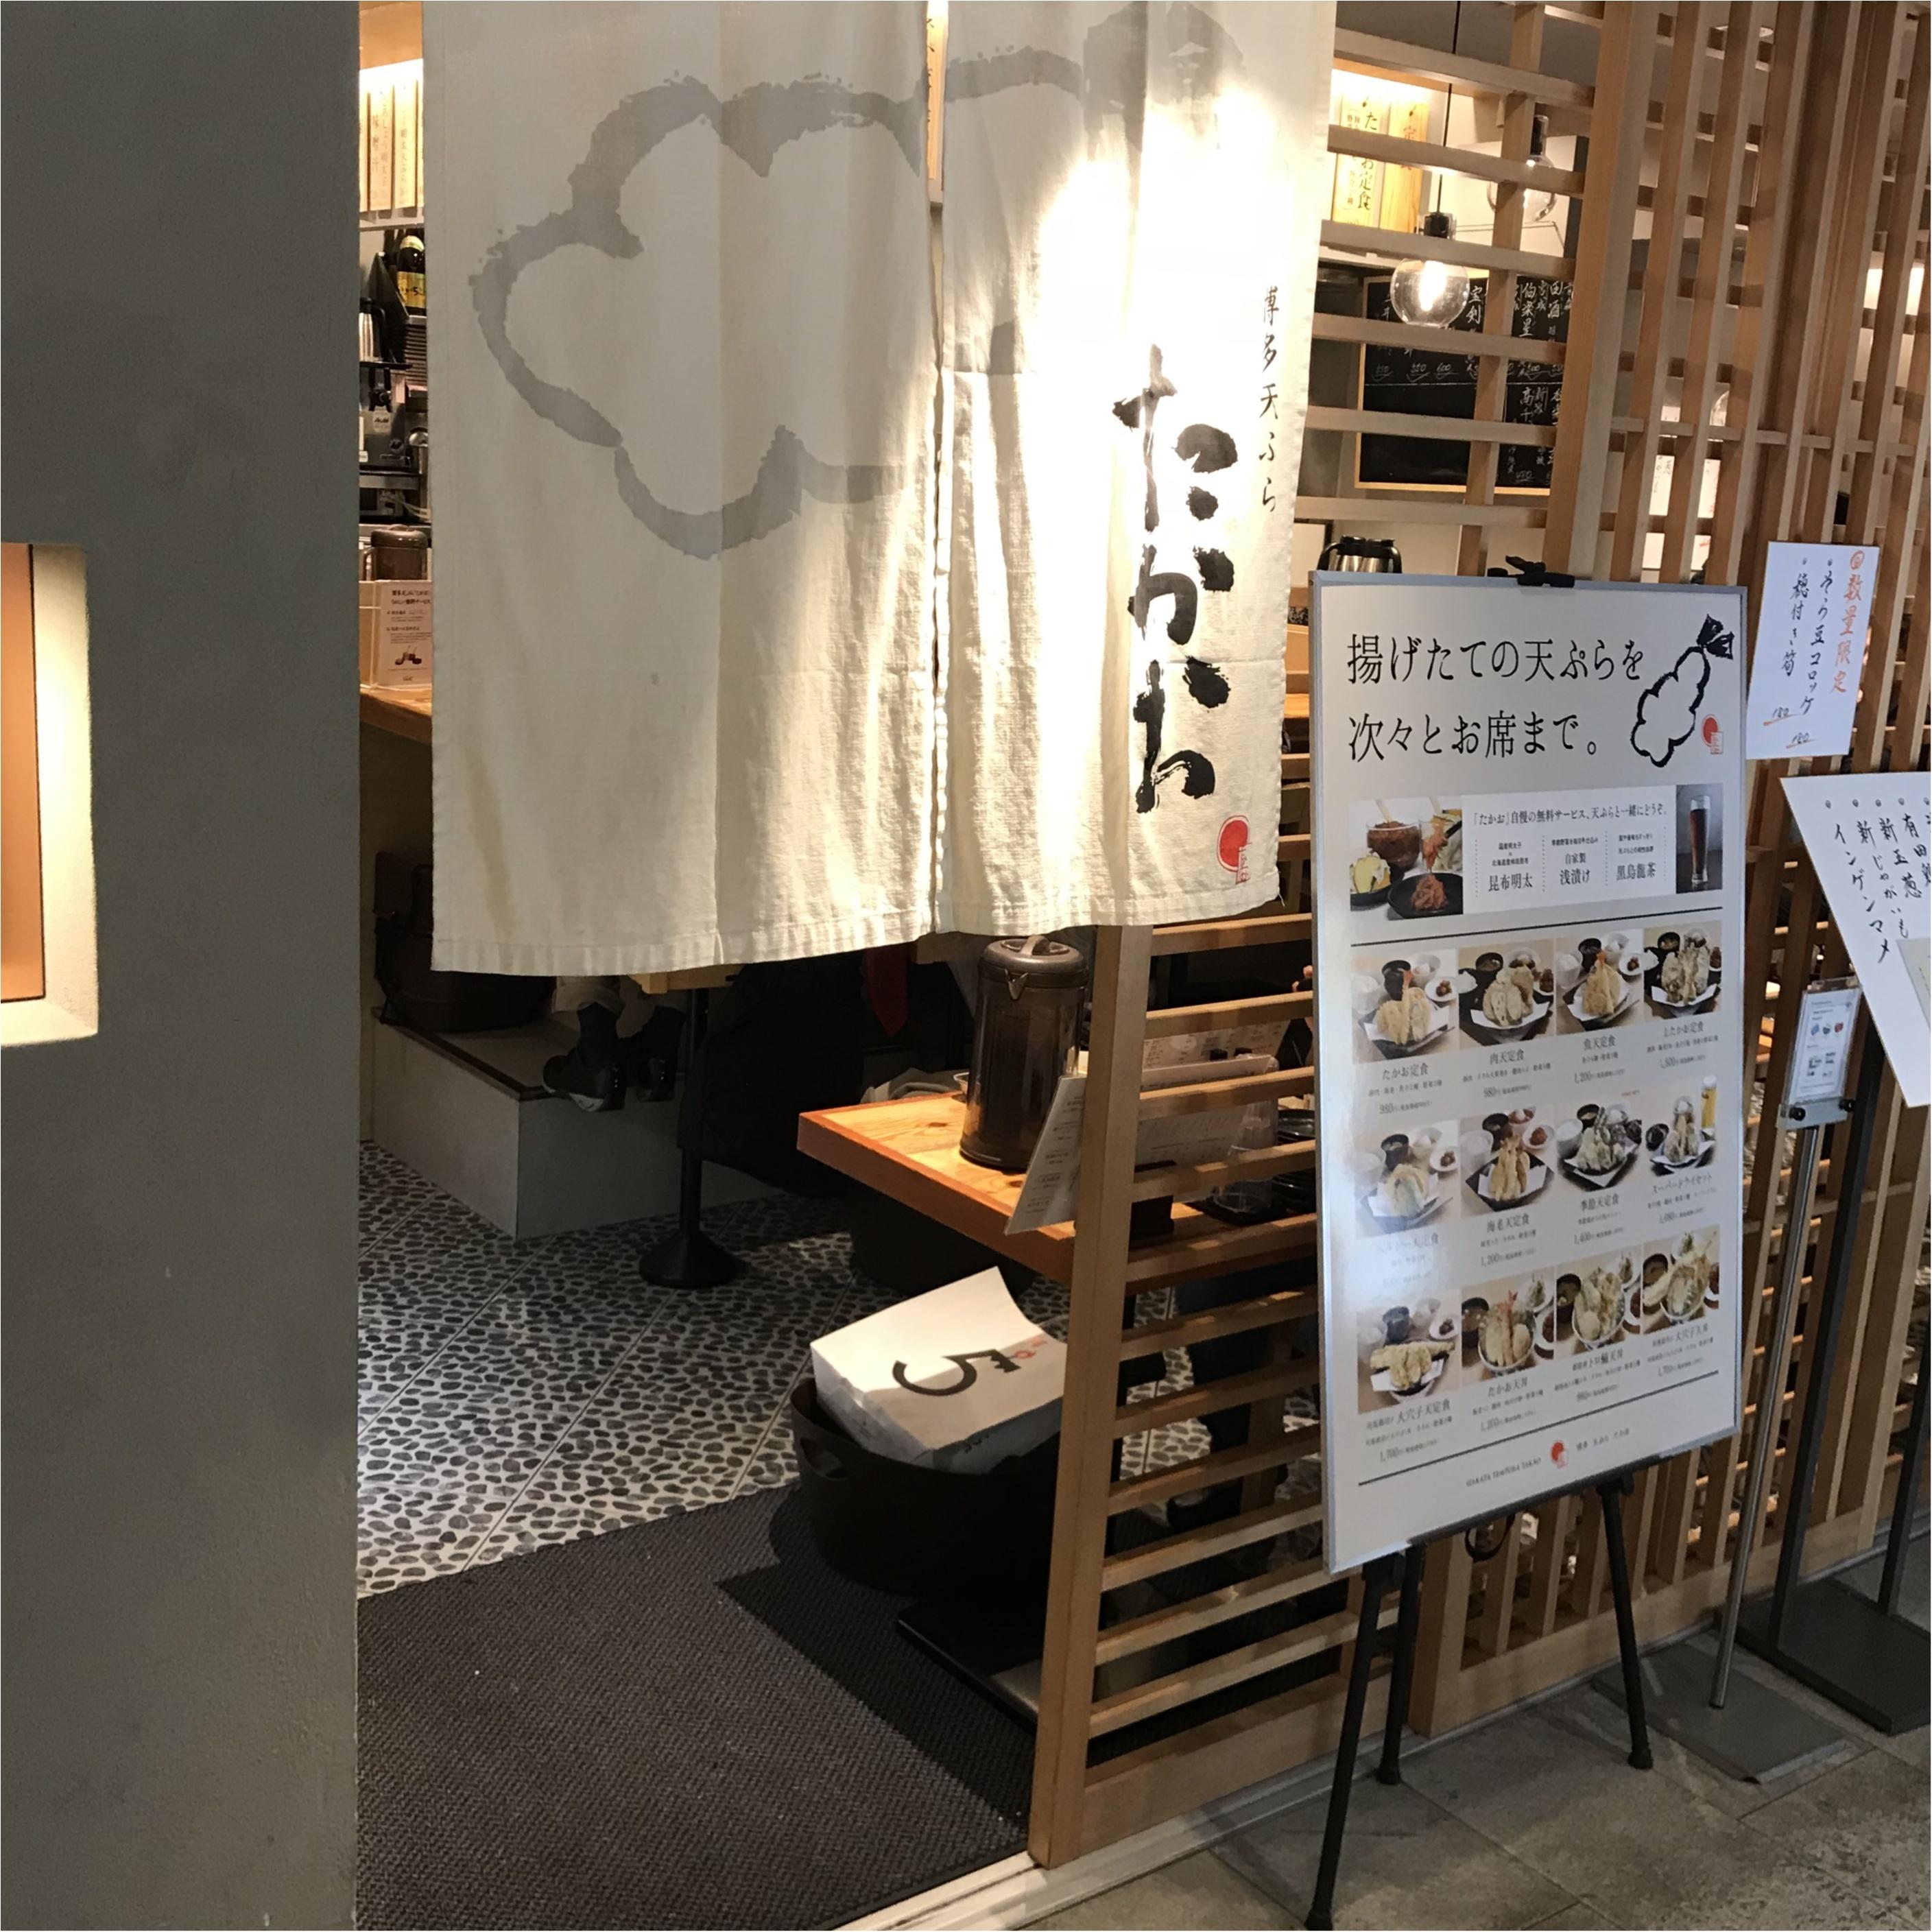 【ご当地MORE福岡】福岡に来たら絶対に行ってほしい明太子食べ放題の○○のお店♡♡♡_1